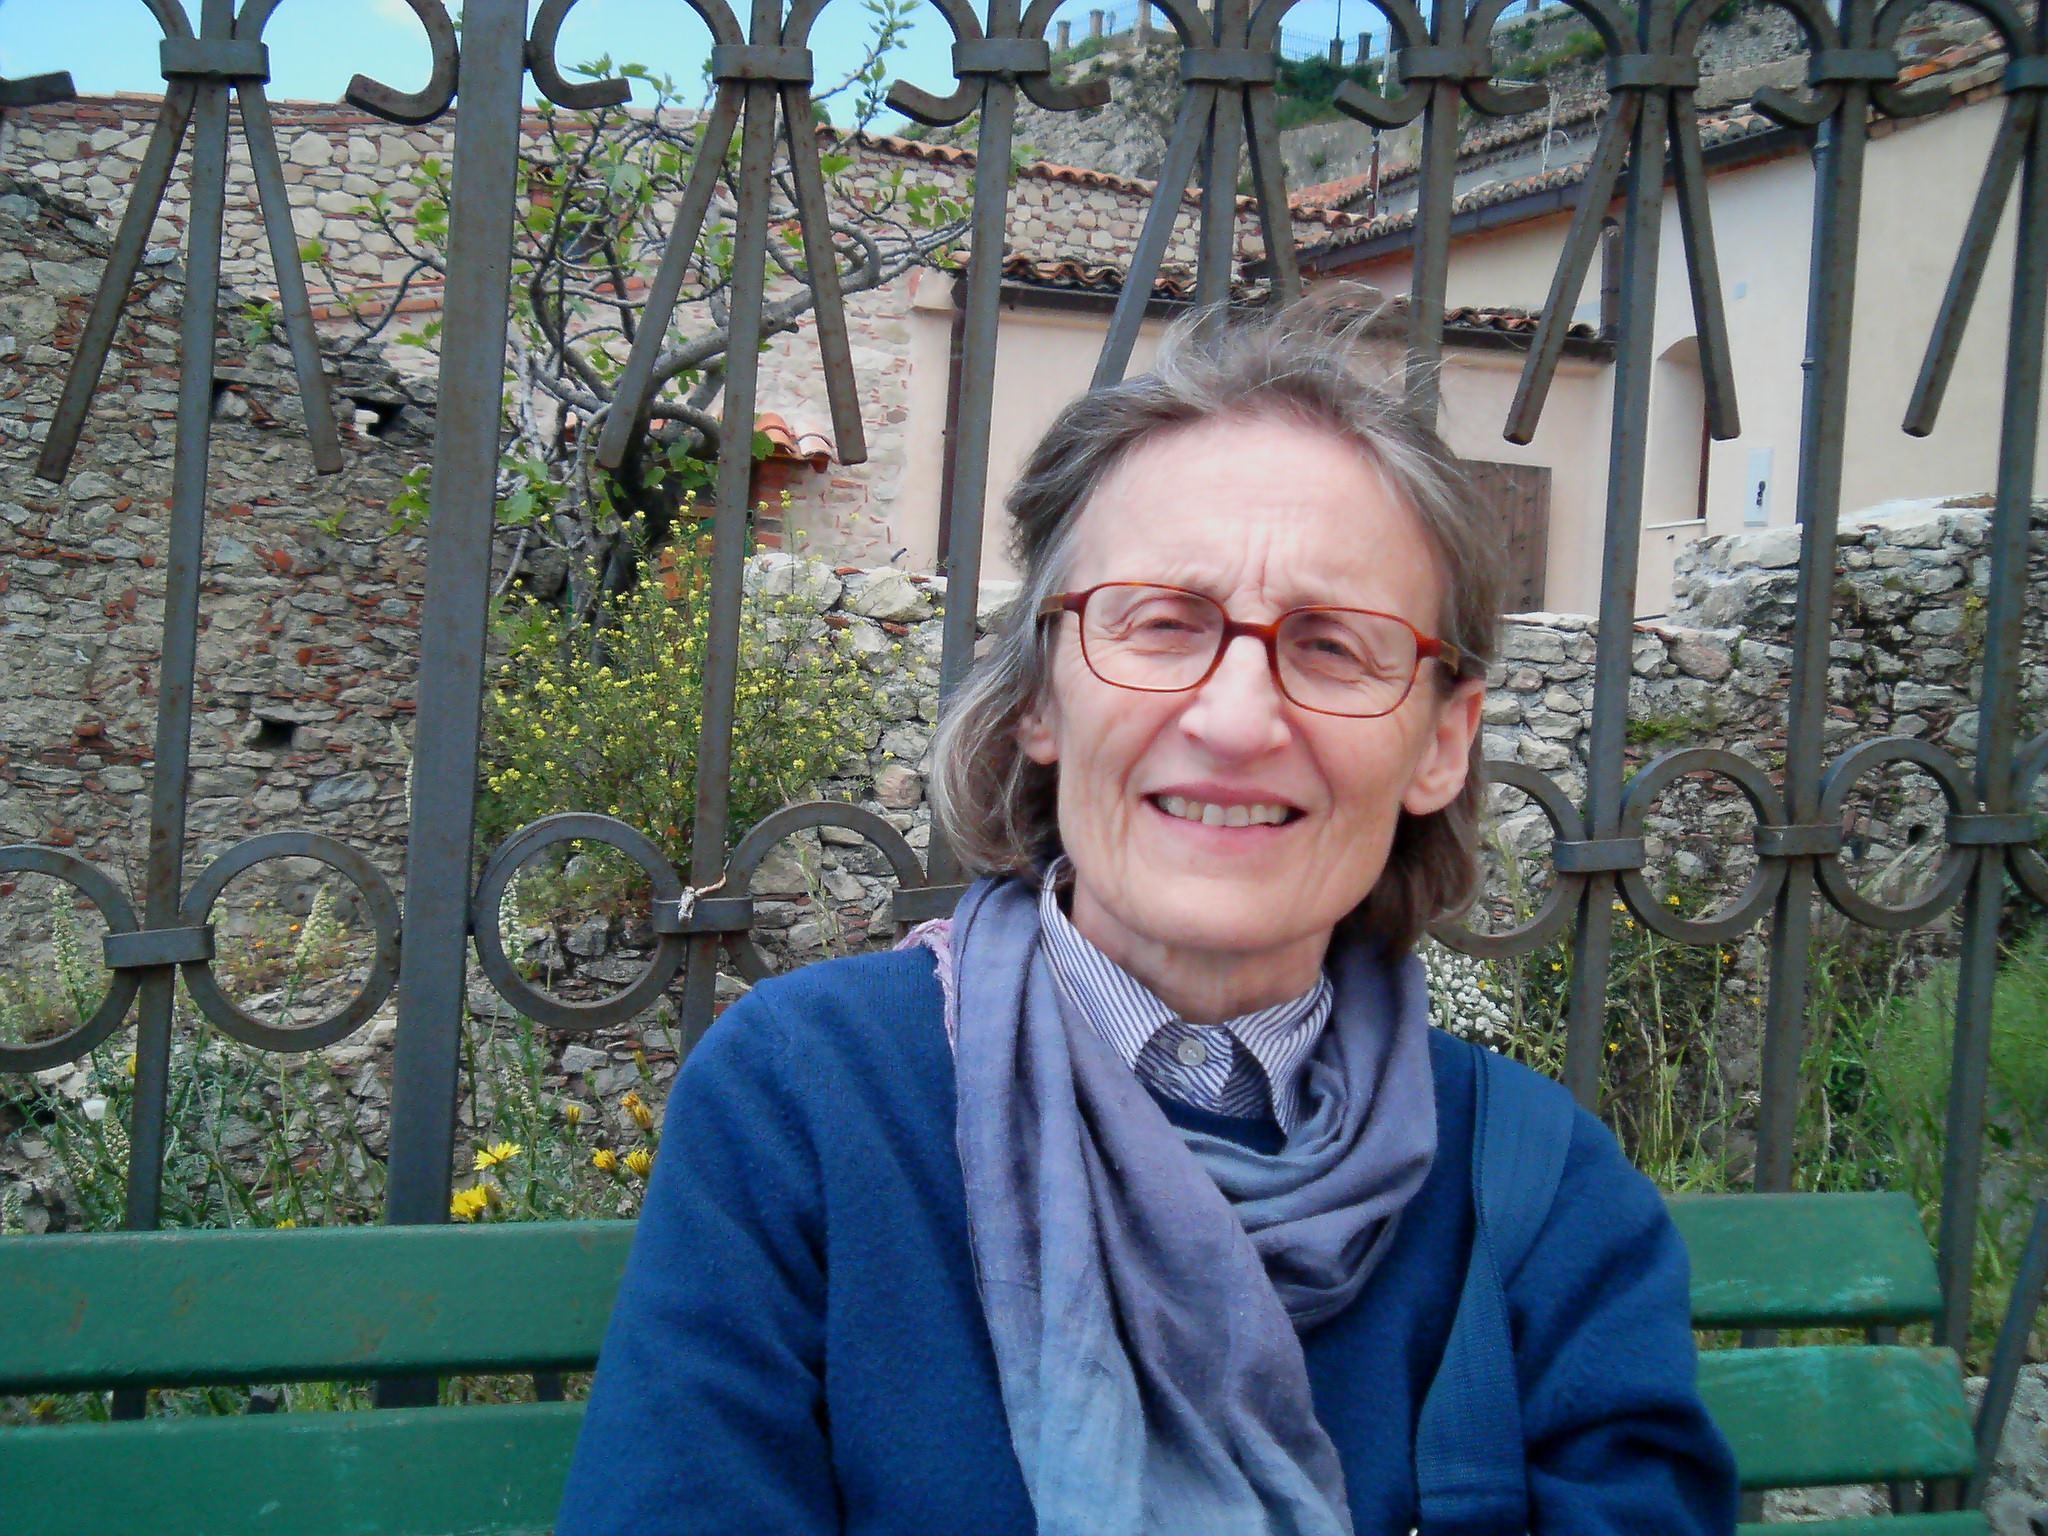 Un'insegnante reggina tra i dieci migliori prof d'Italia secondo l'Italian Teacher Prize